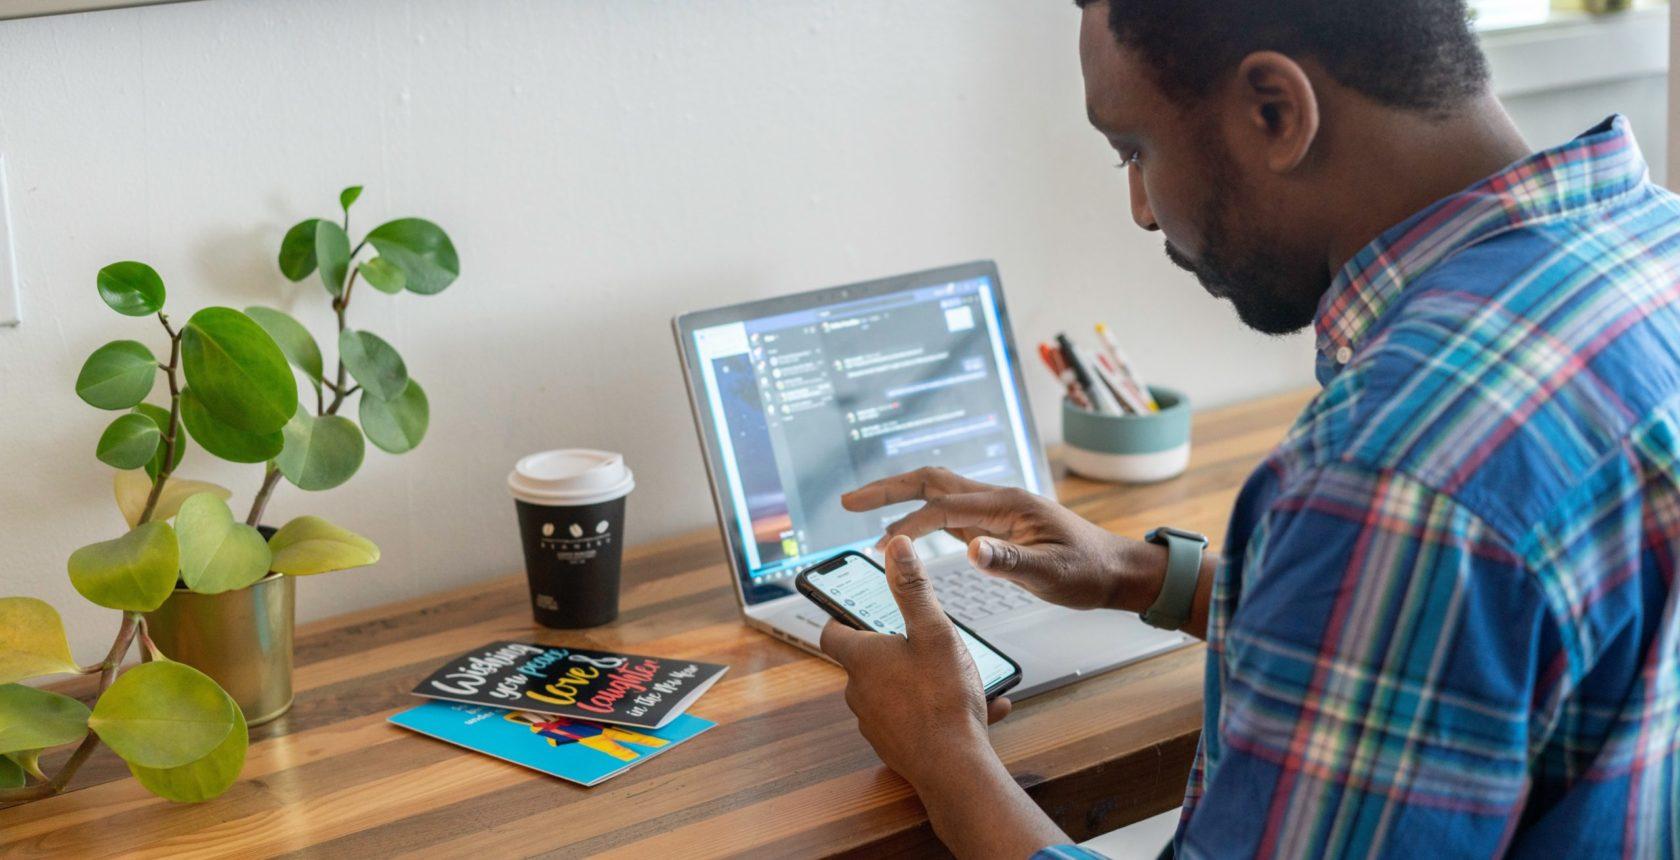 Le portage salarial : un statut d'avenir pour les freelances ?